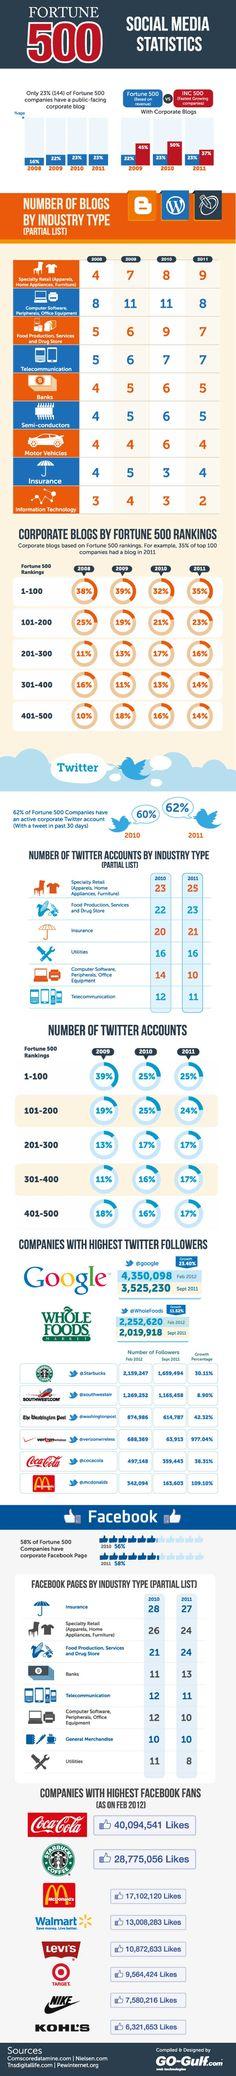 Fortune 500 Social Media Statistics.  ¿Qué hacen las 500 compañías más importantes del mundo en #RedesSociales?